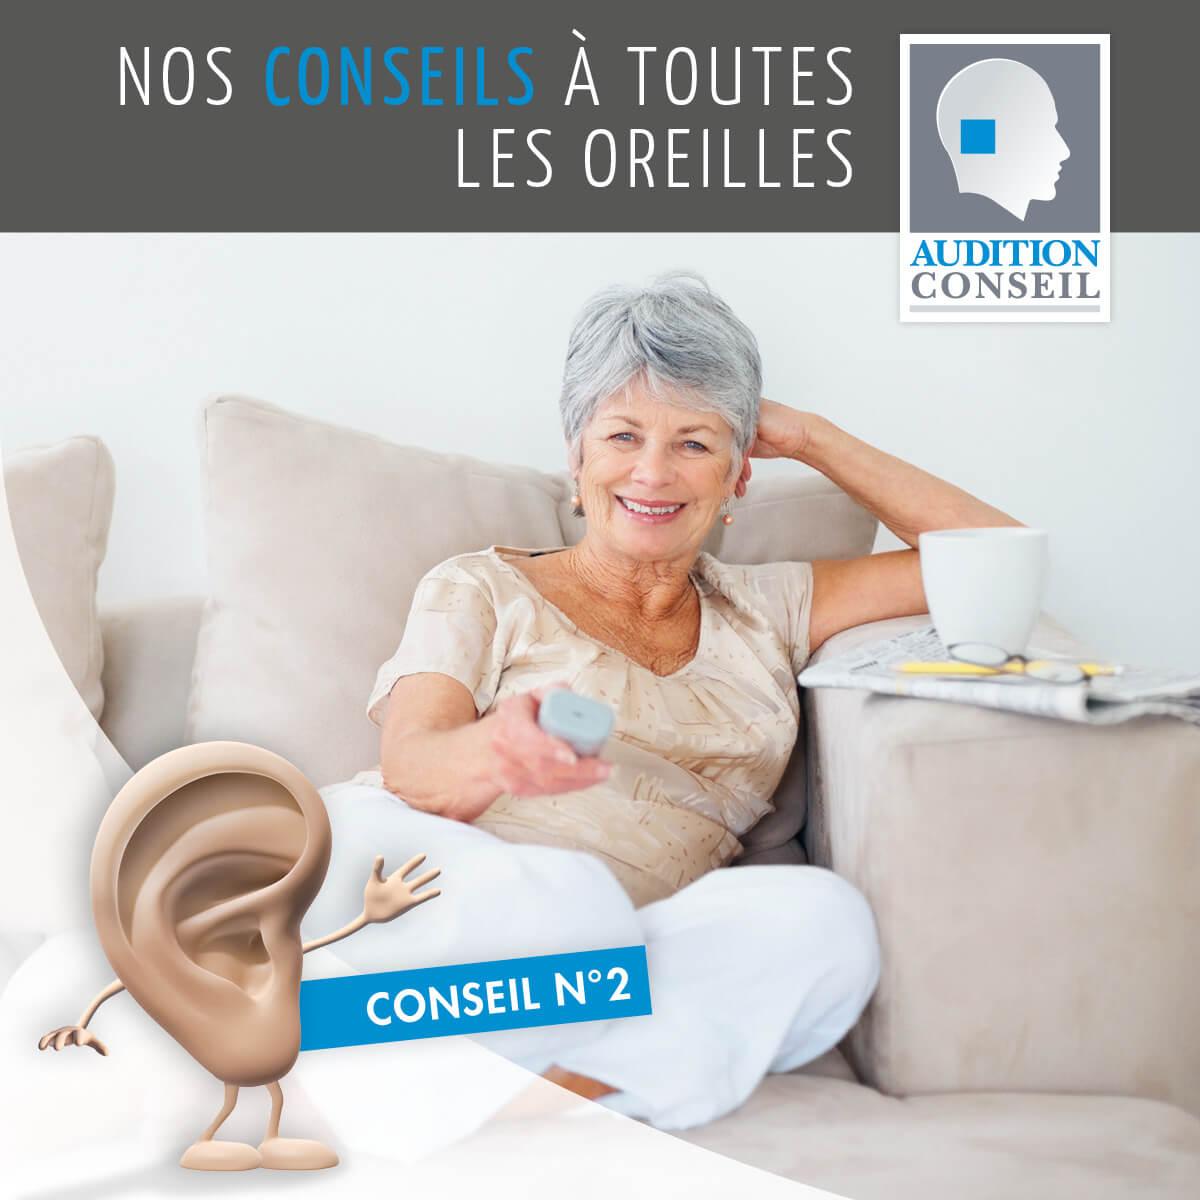 Conseils_a_toutes_les_oreilles_2